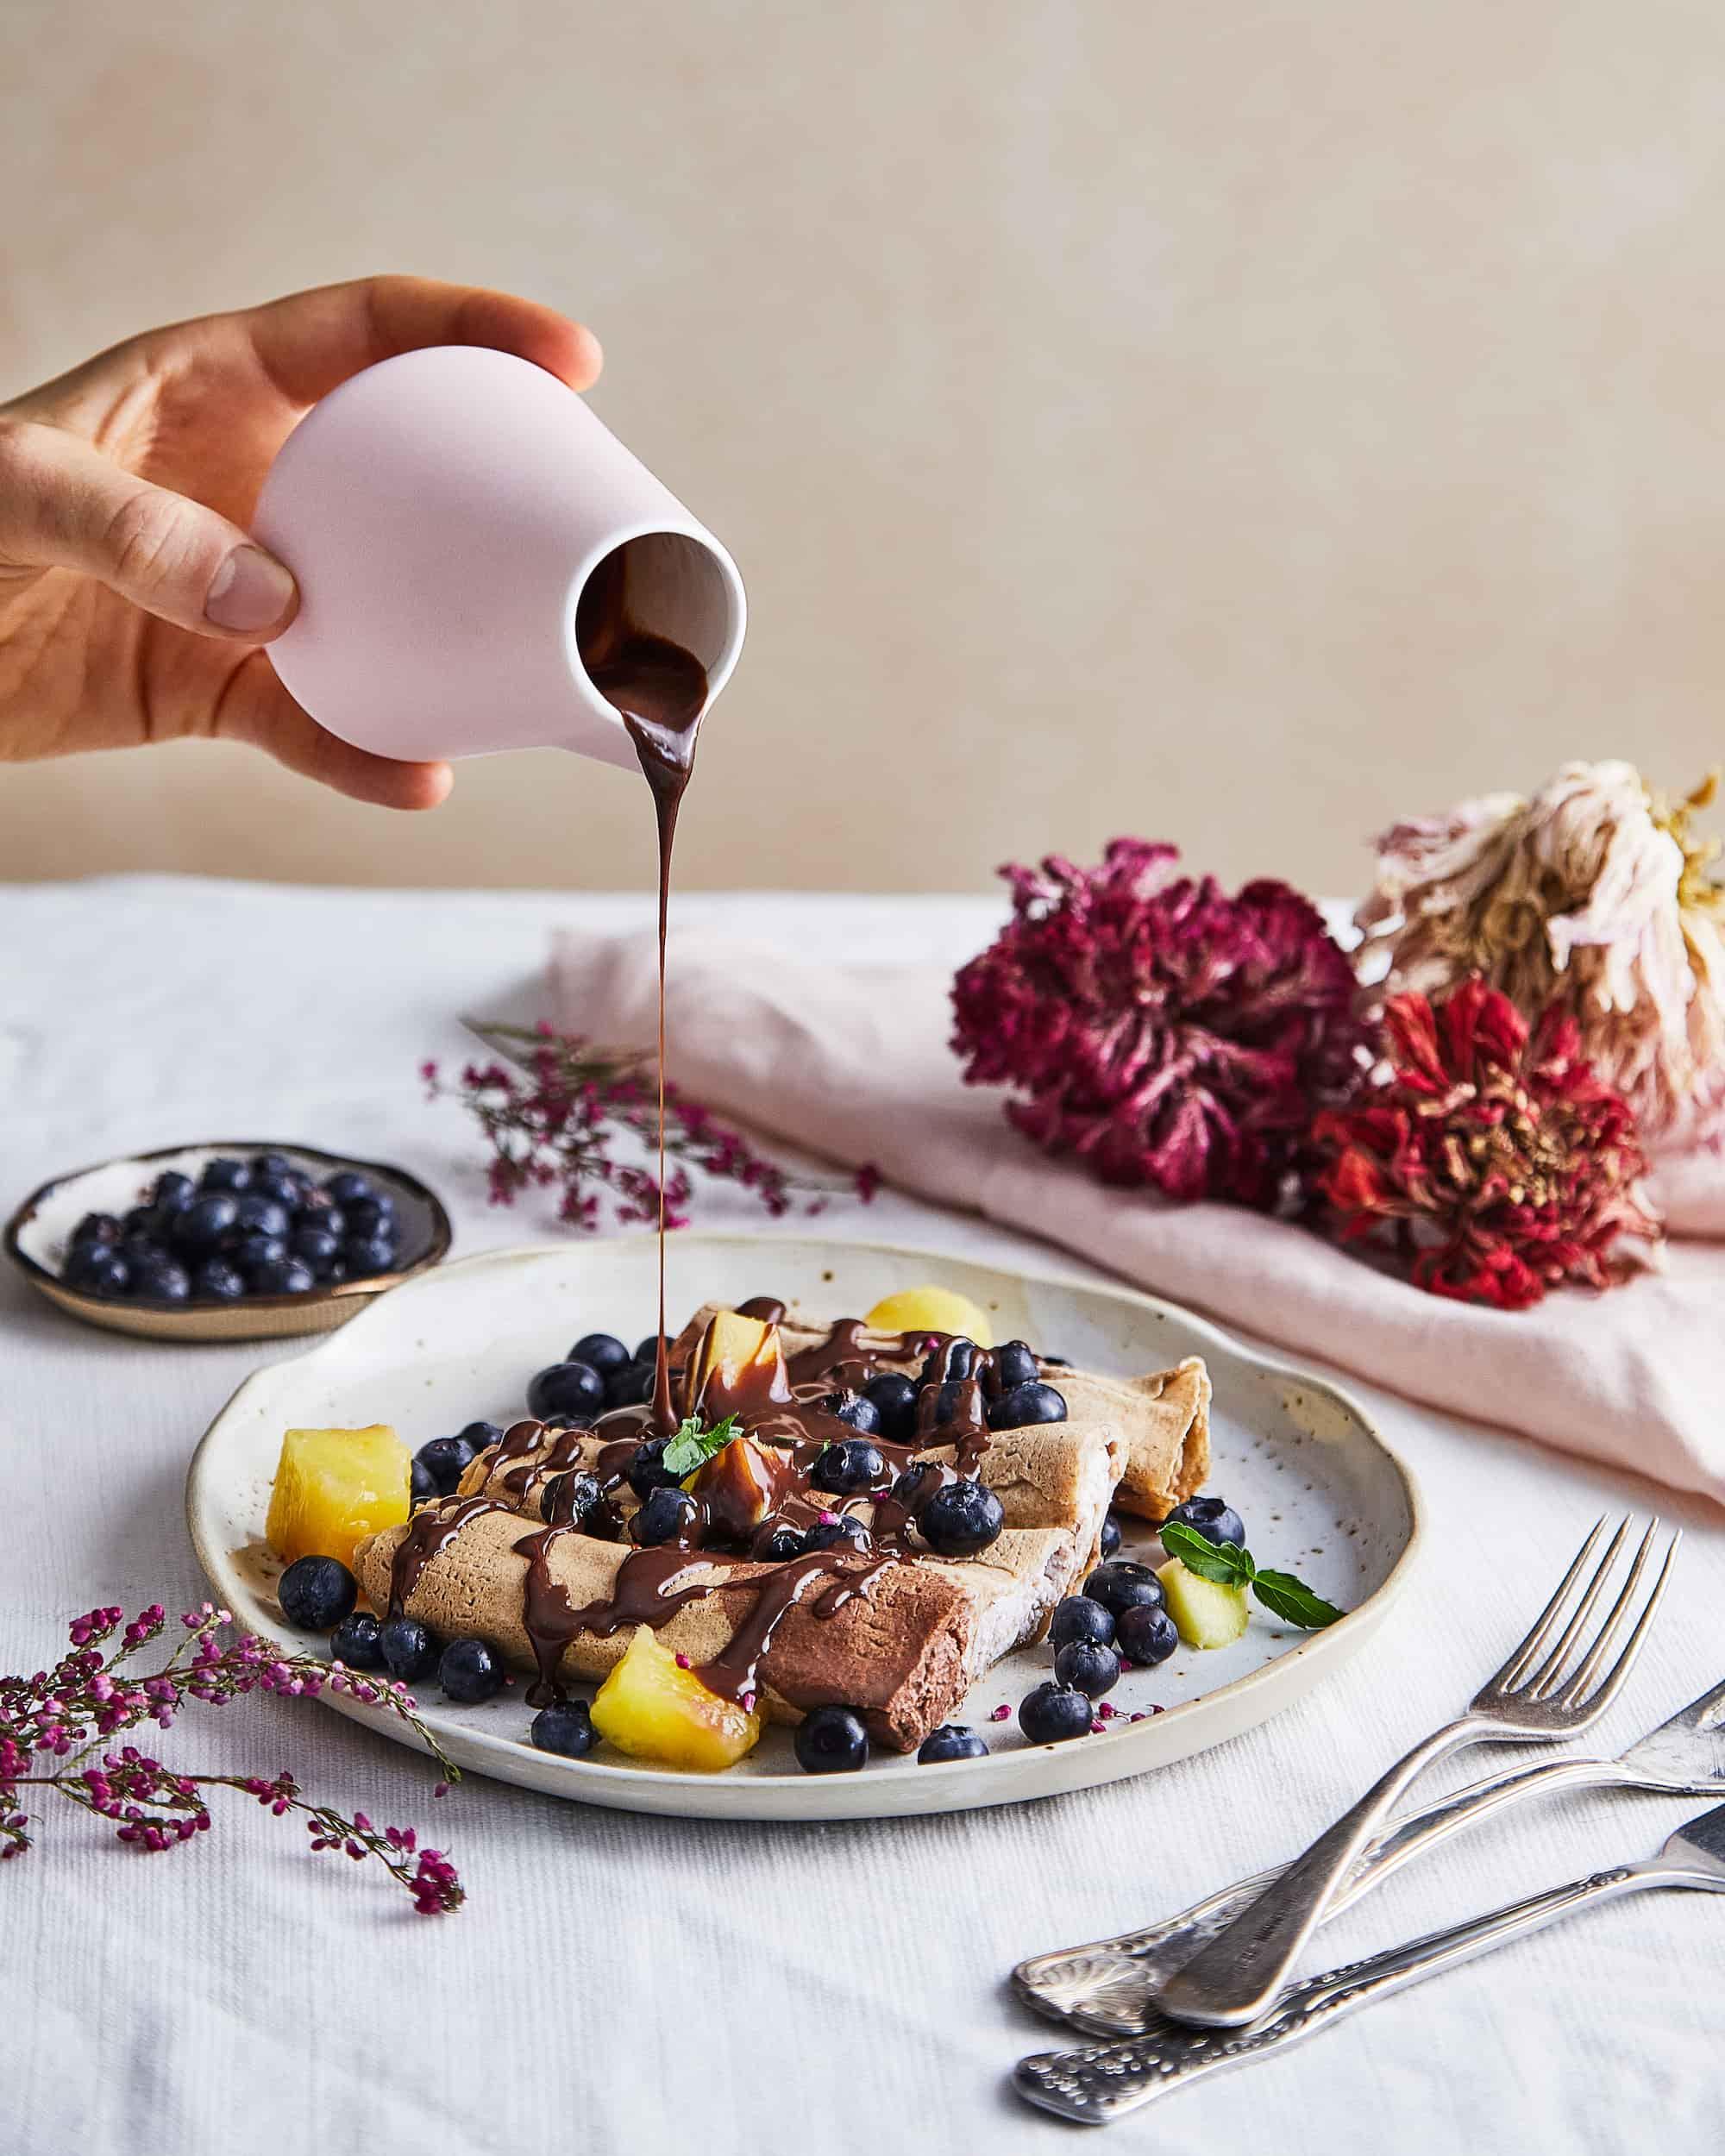 weganski catering dietetyczny nice to fit you - nalesniki z polewa czekoladowa i owocami